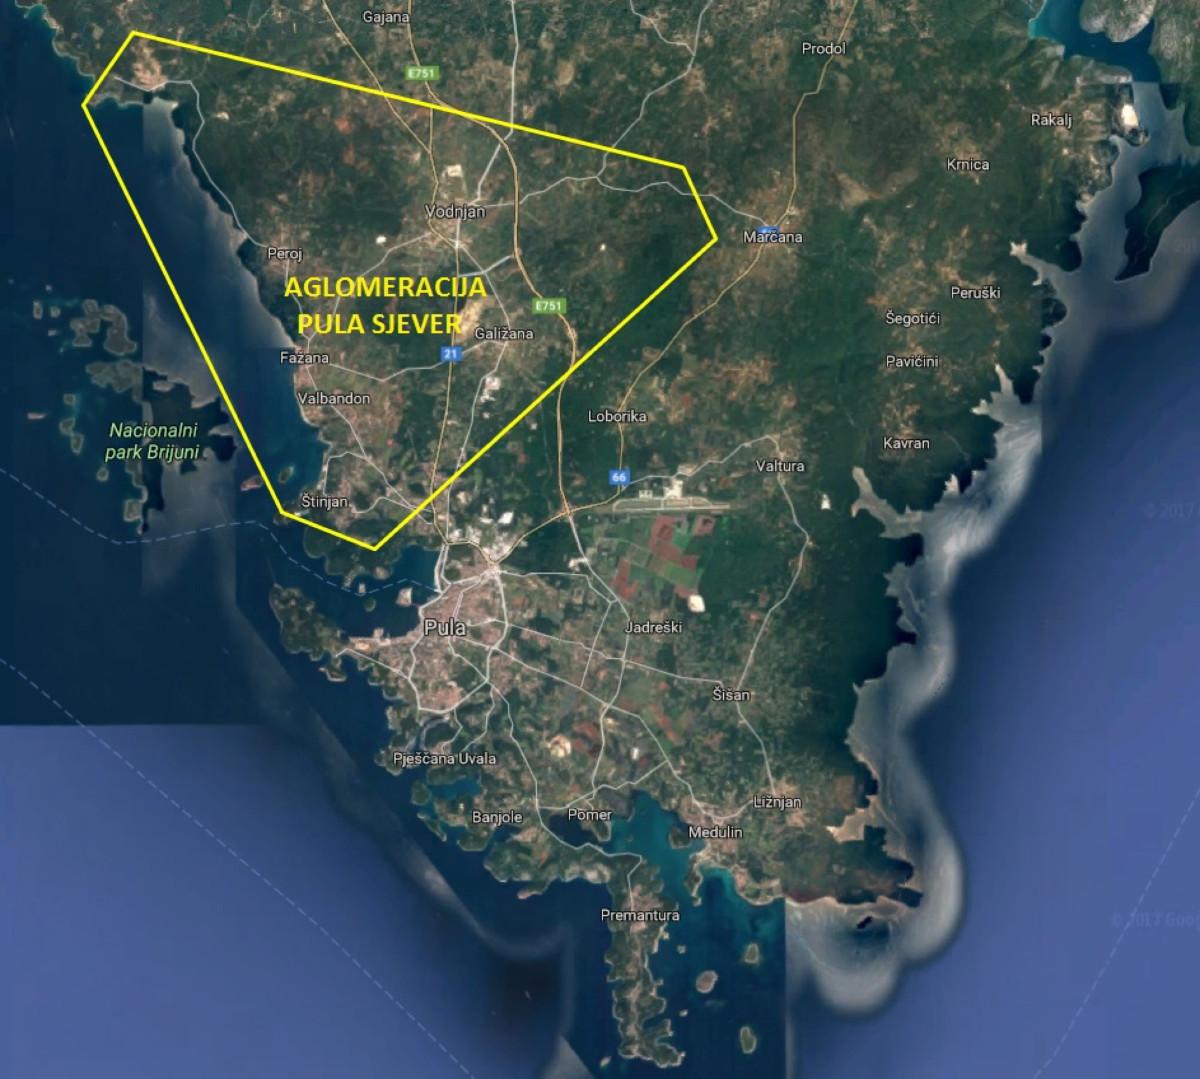 Sustav odvodnje aglomeracije Pula - Sjever - Primum ing d.o.o.